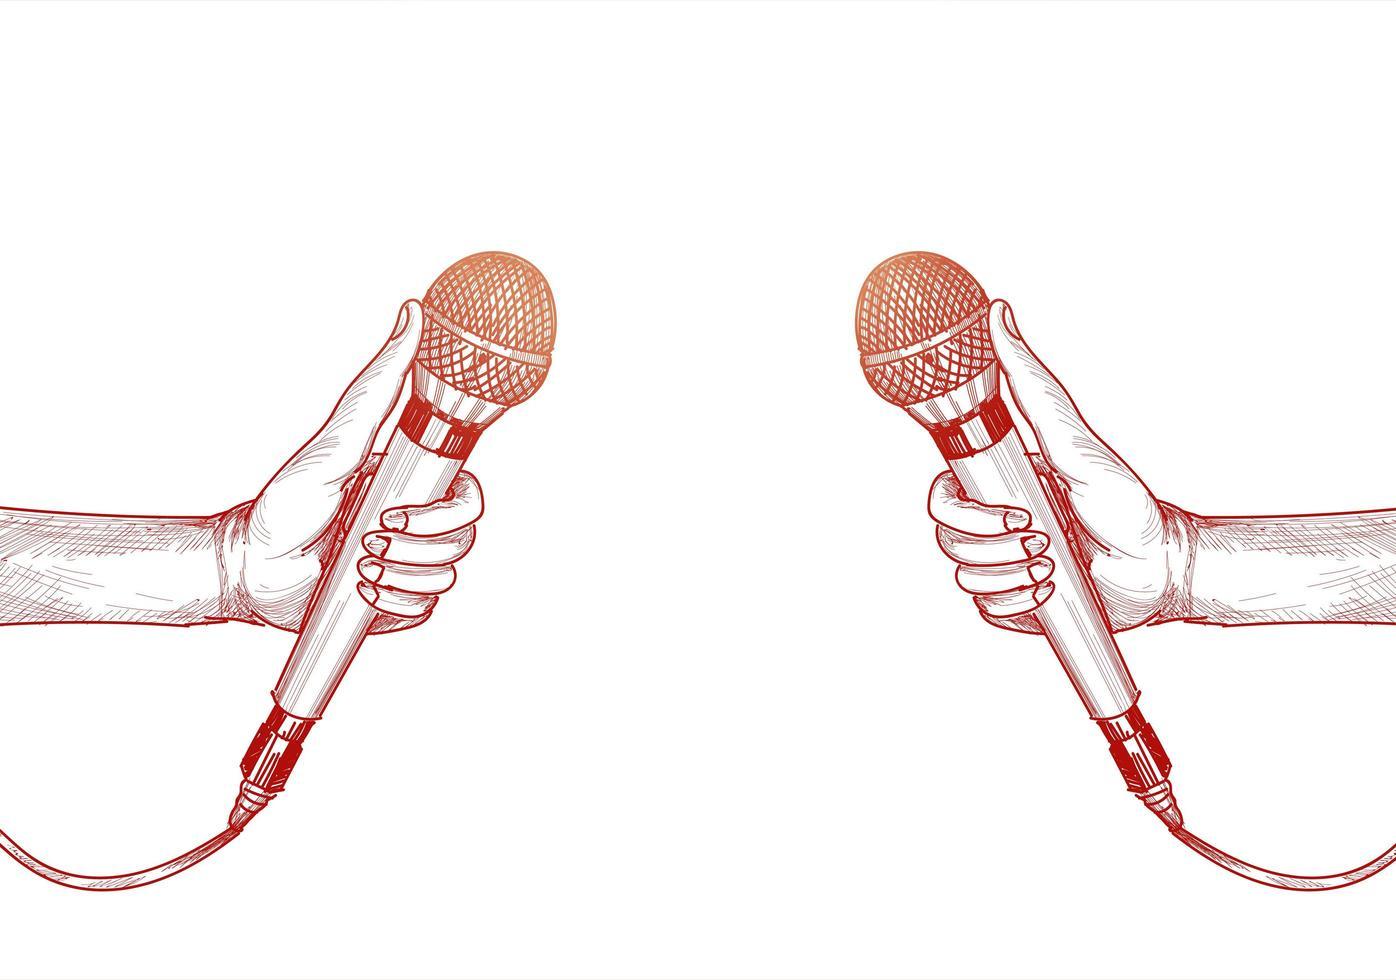 mão com microfone vermelho desenho fundo branco vetor